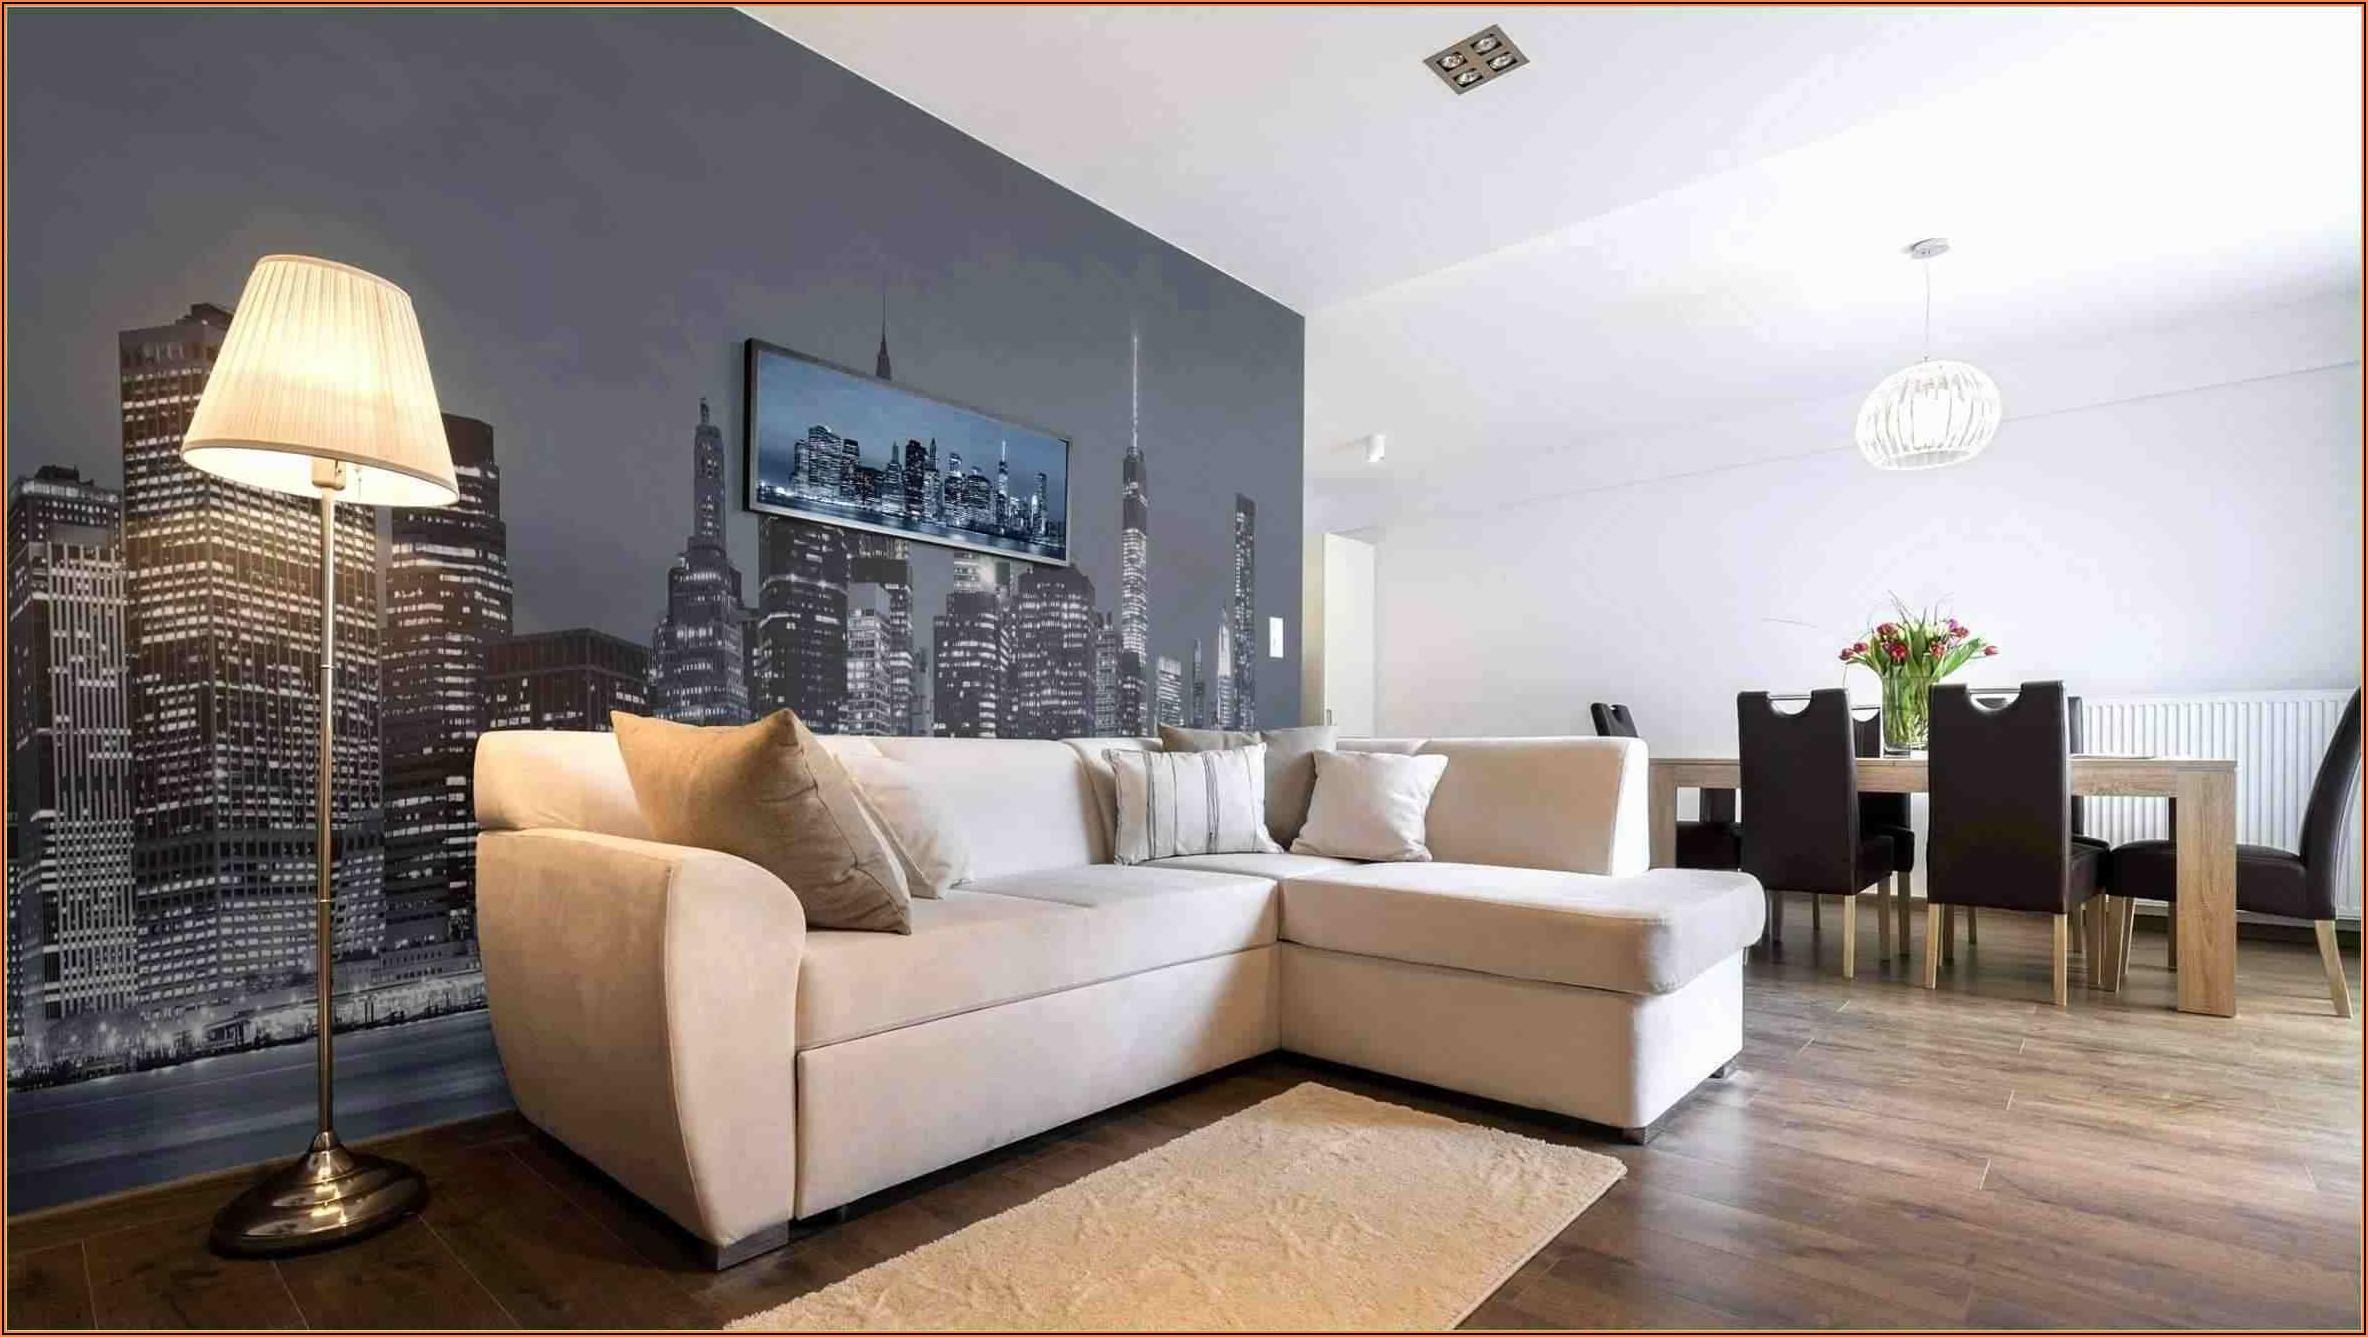 Lampen Wohnzimmer Bilder